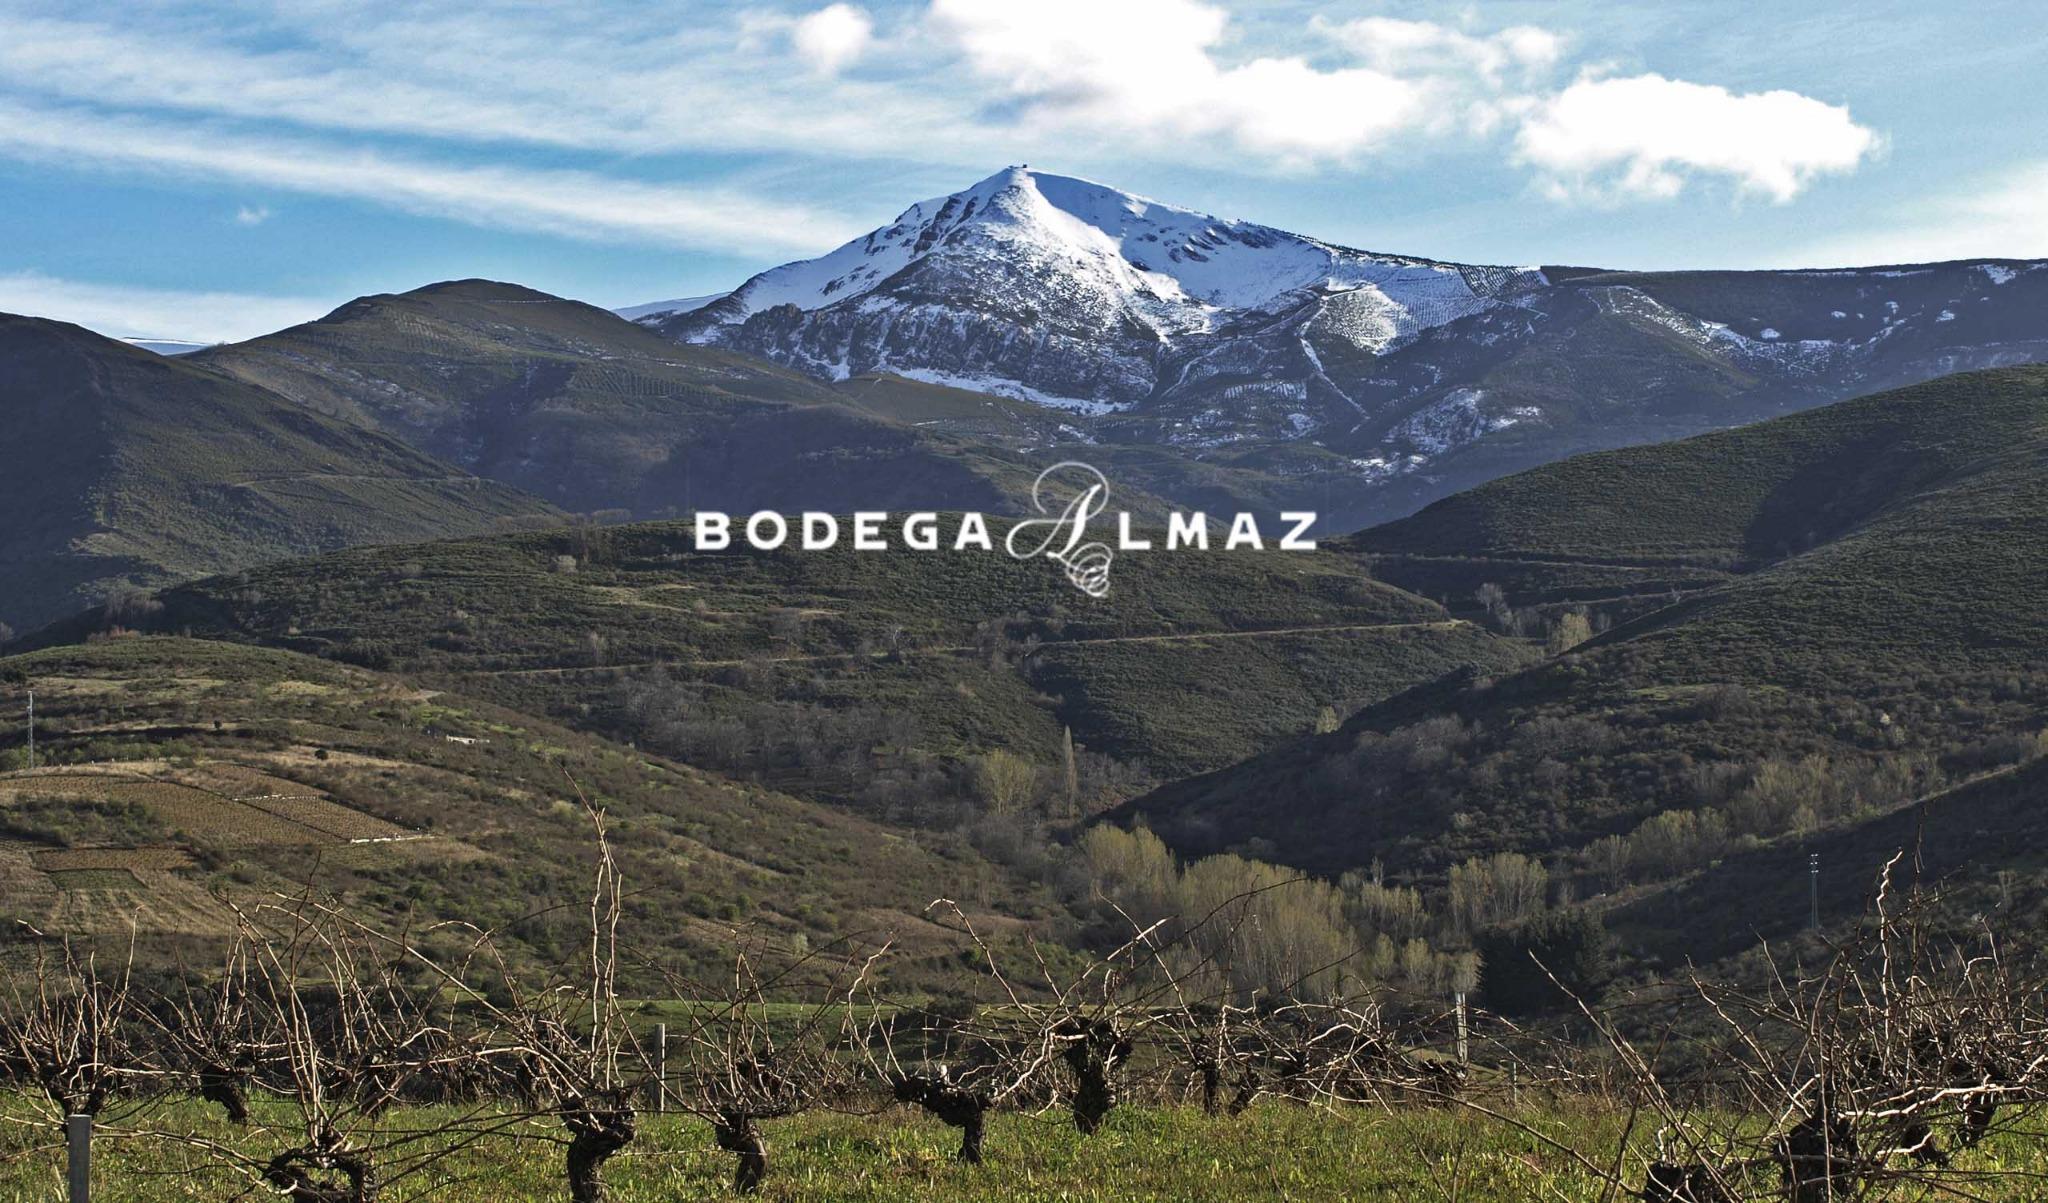 Bodega Almaz